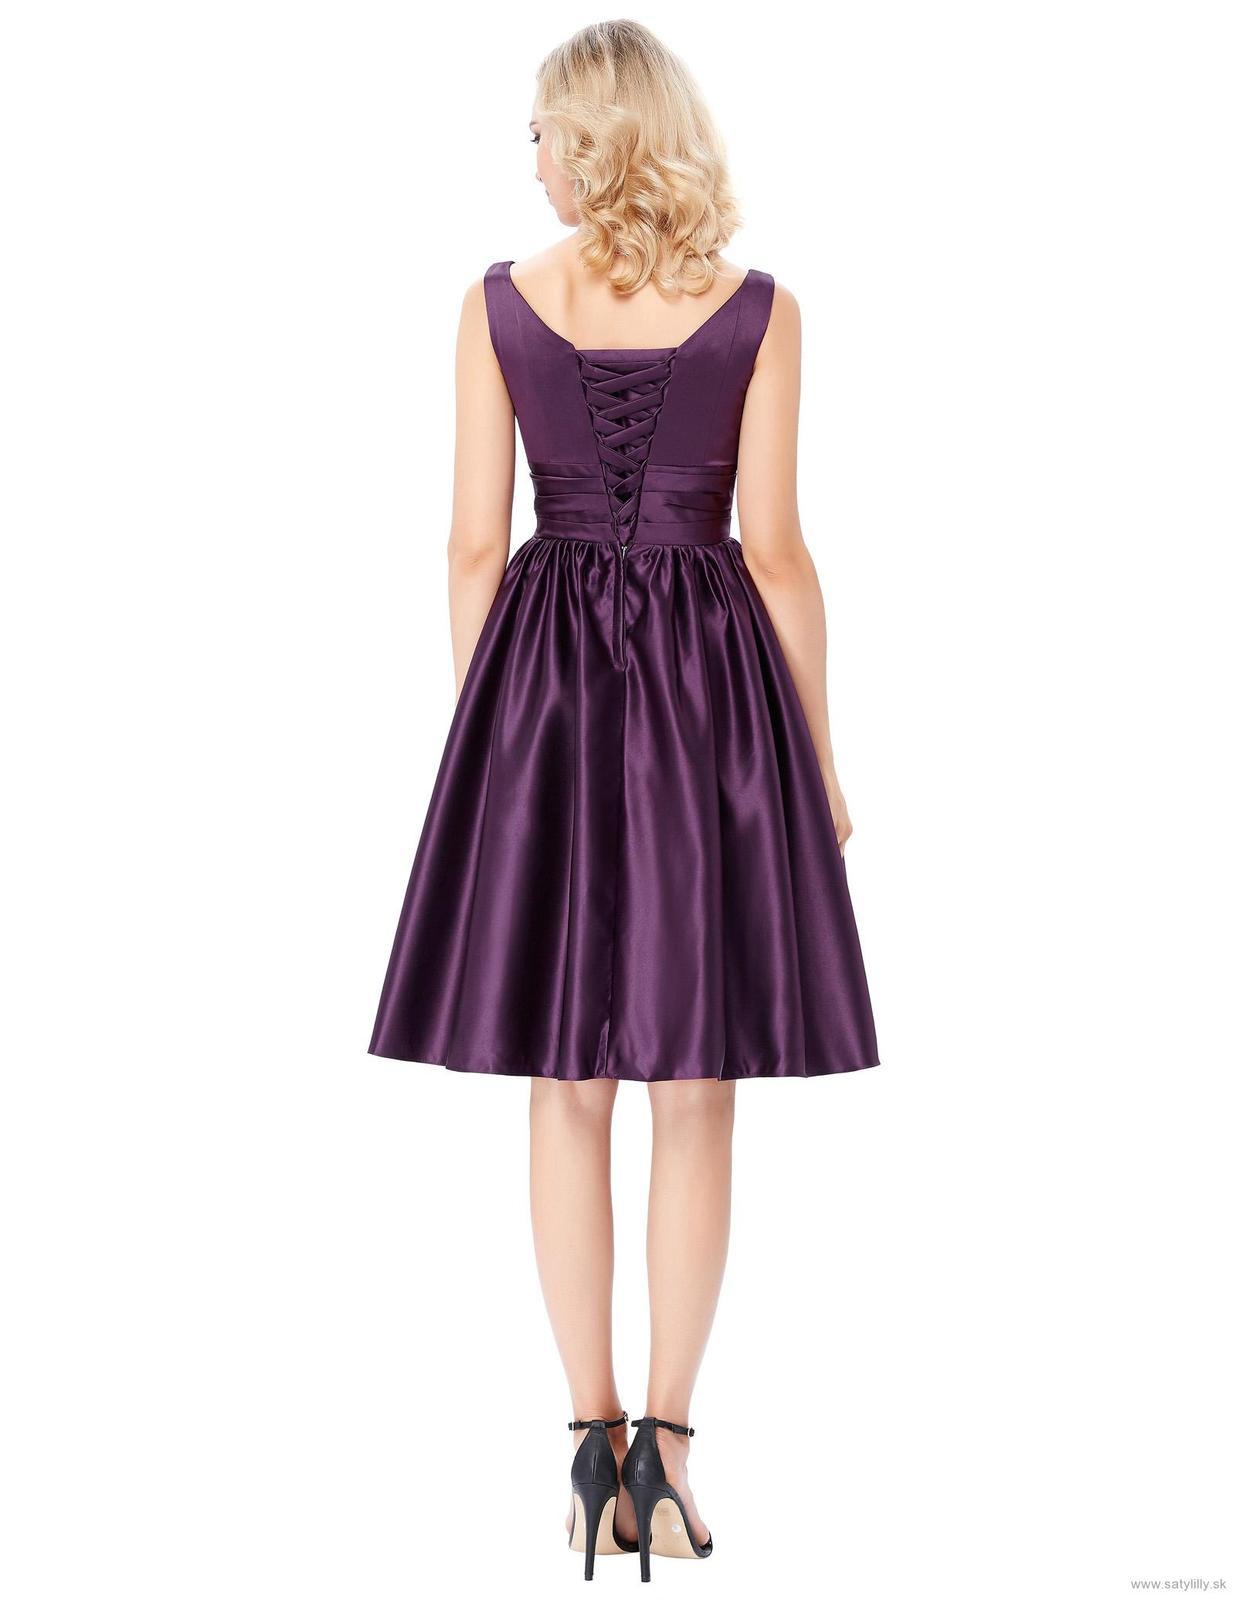 Krátke spoločenské šaty - veľ. 34 dodanie IHNEĎ - Obrázok č. 2